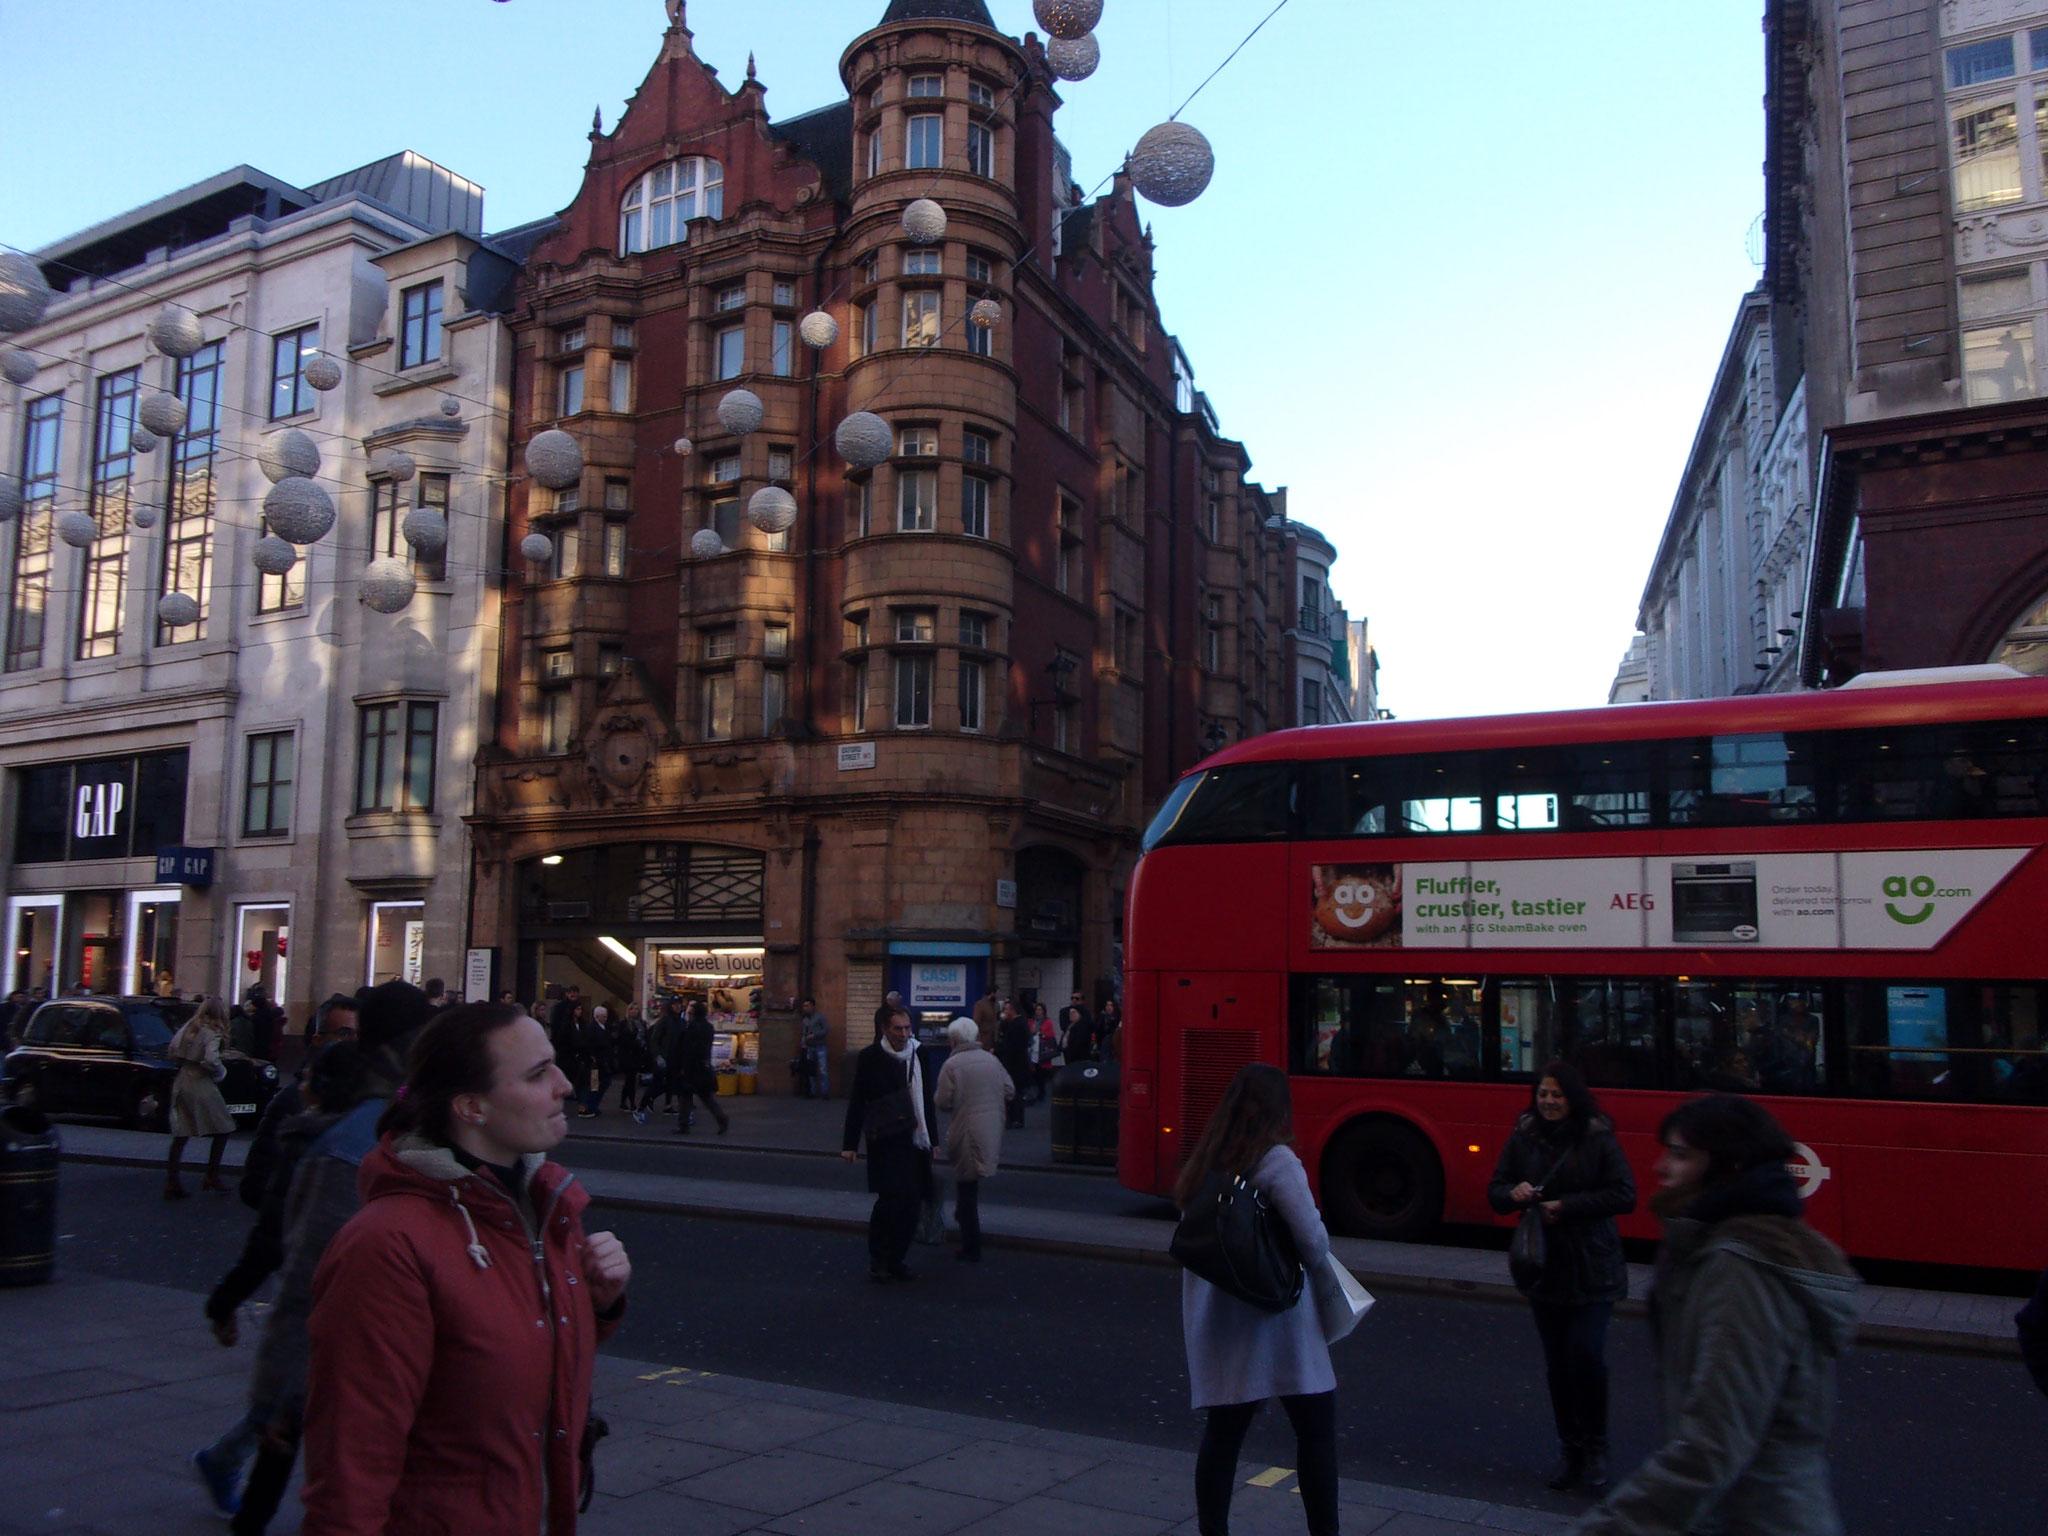 Beaucoup de batiments avec des façades incroyables se cachent un peu partout dans les rues de Londres